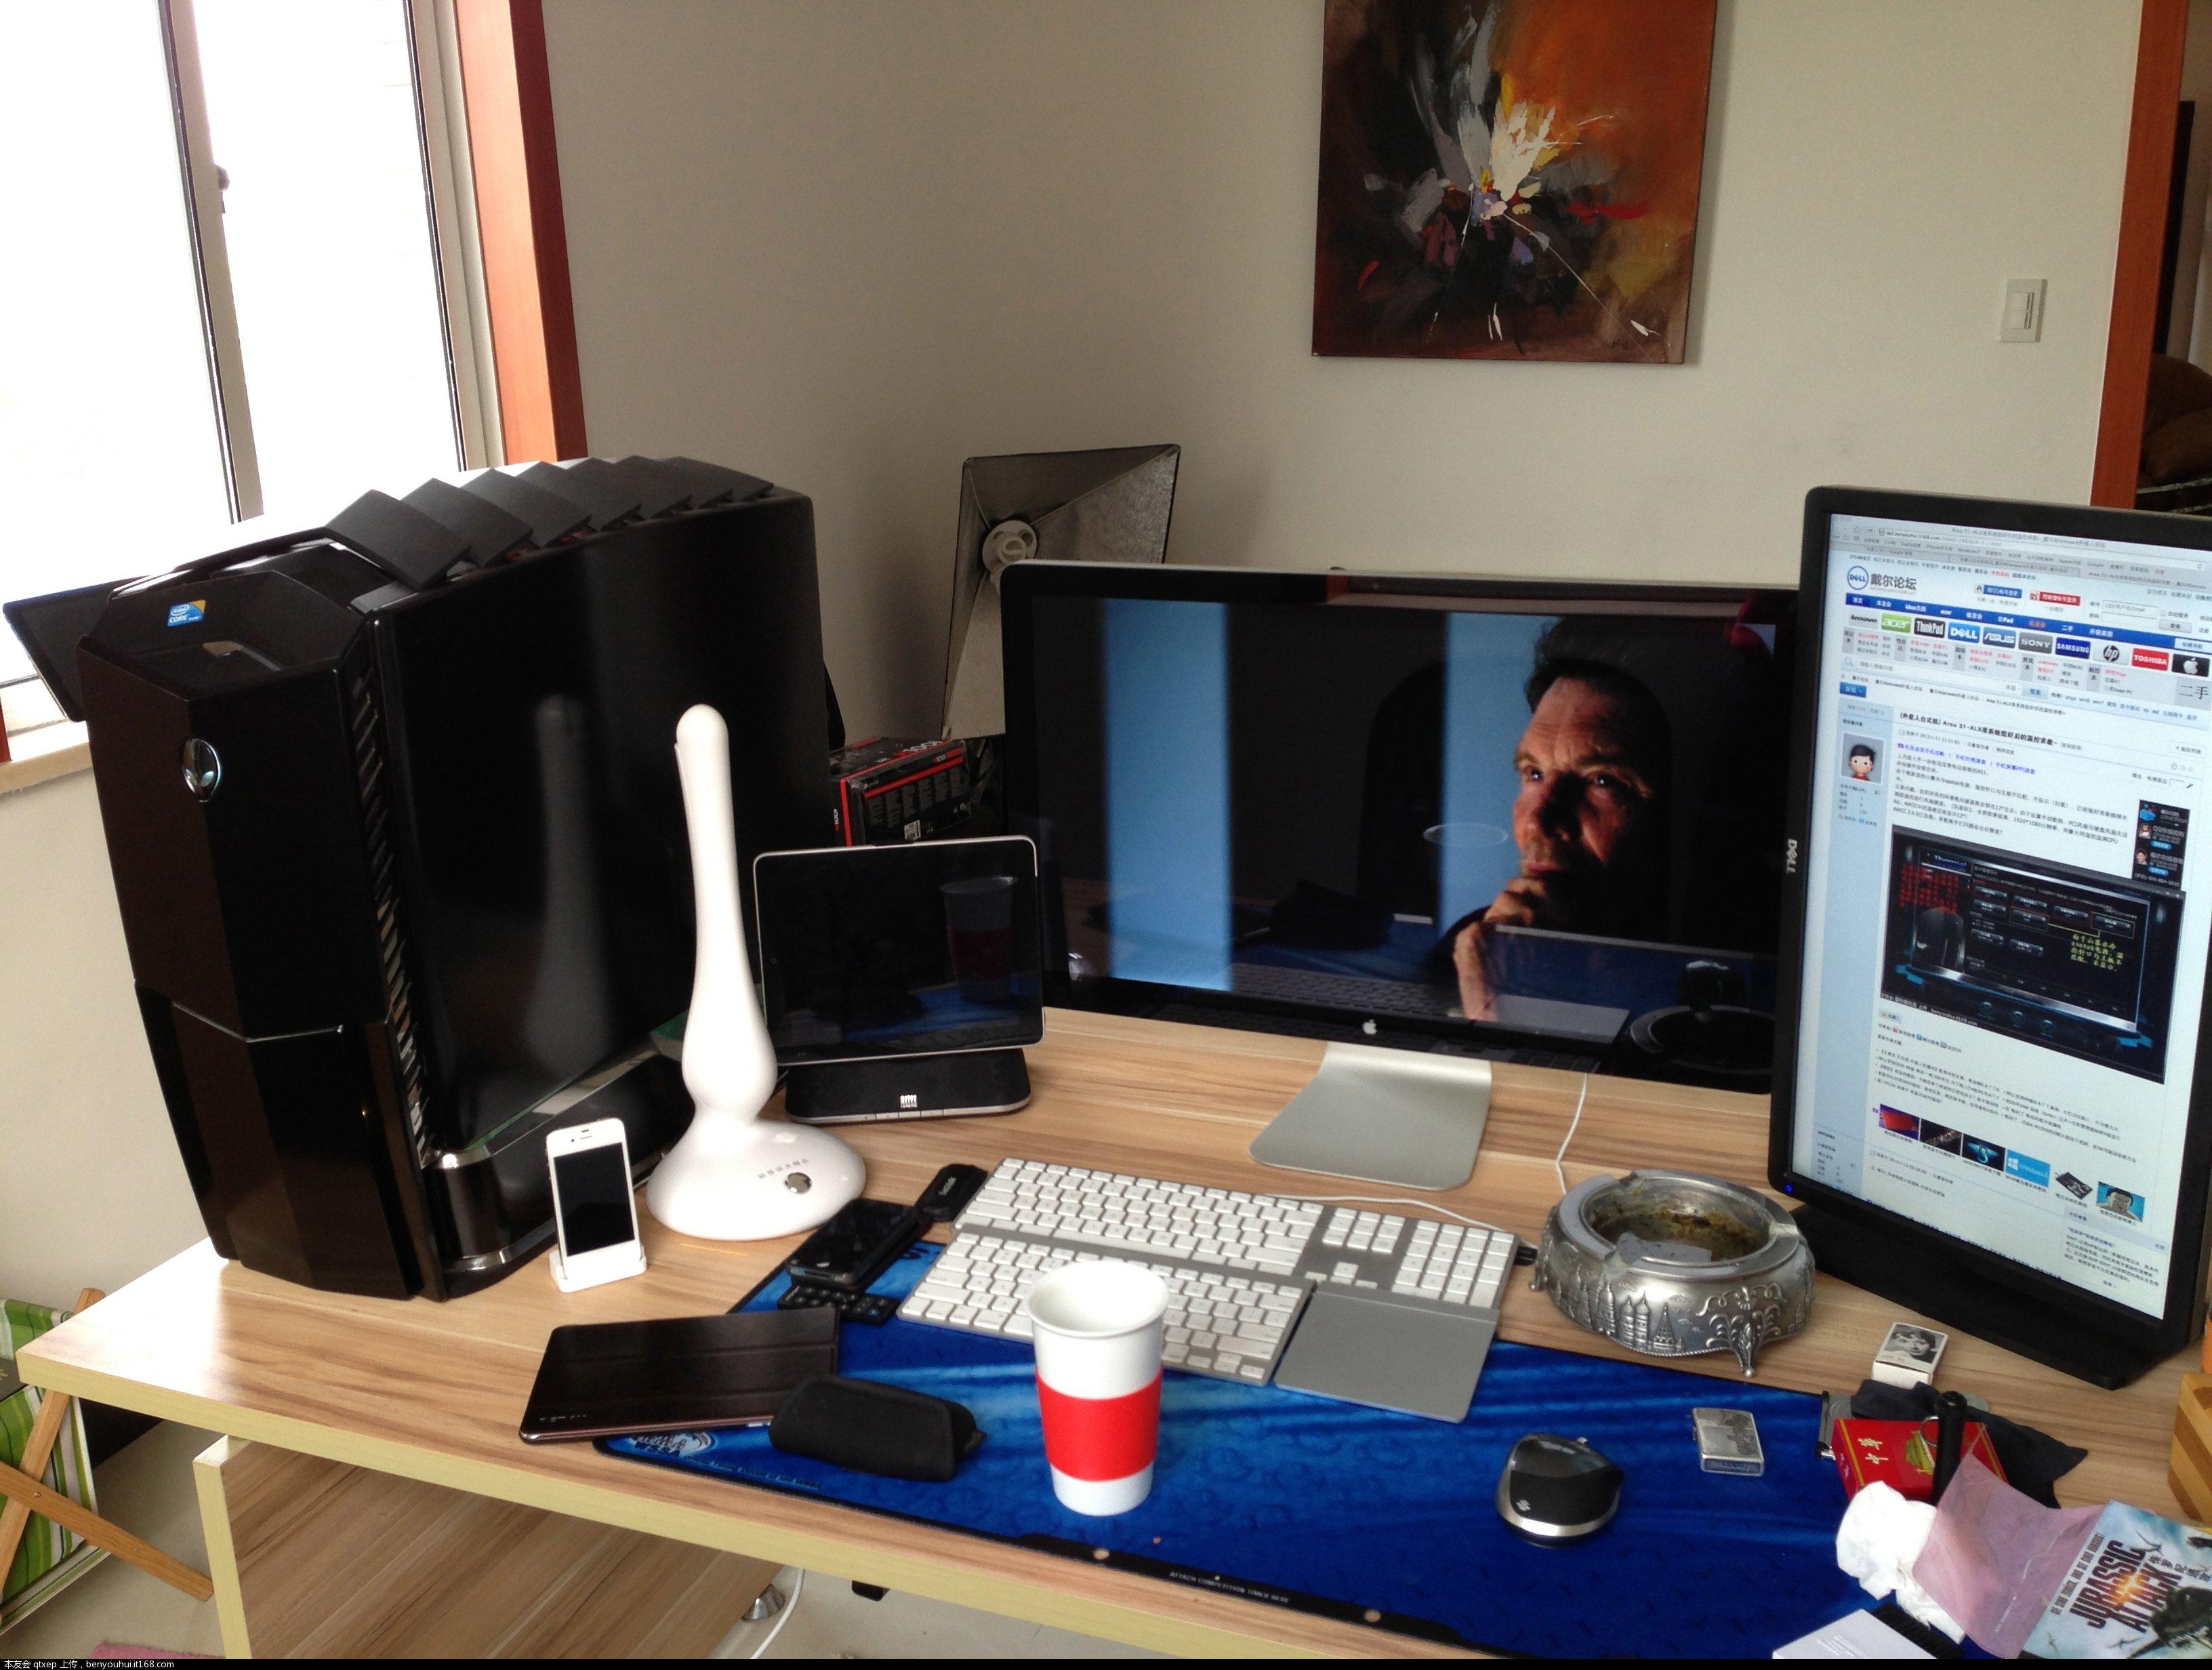 7-64位外星人家庭版(装了bootcamp,原装27寸显示器苹果键盘可调节亮度